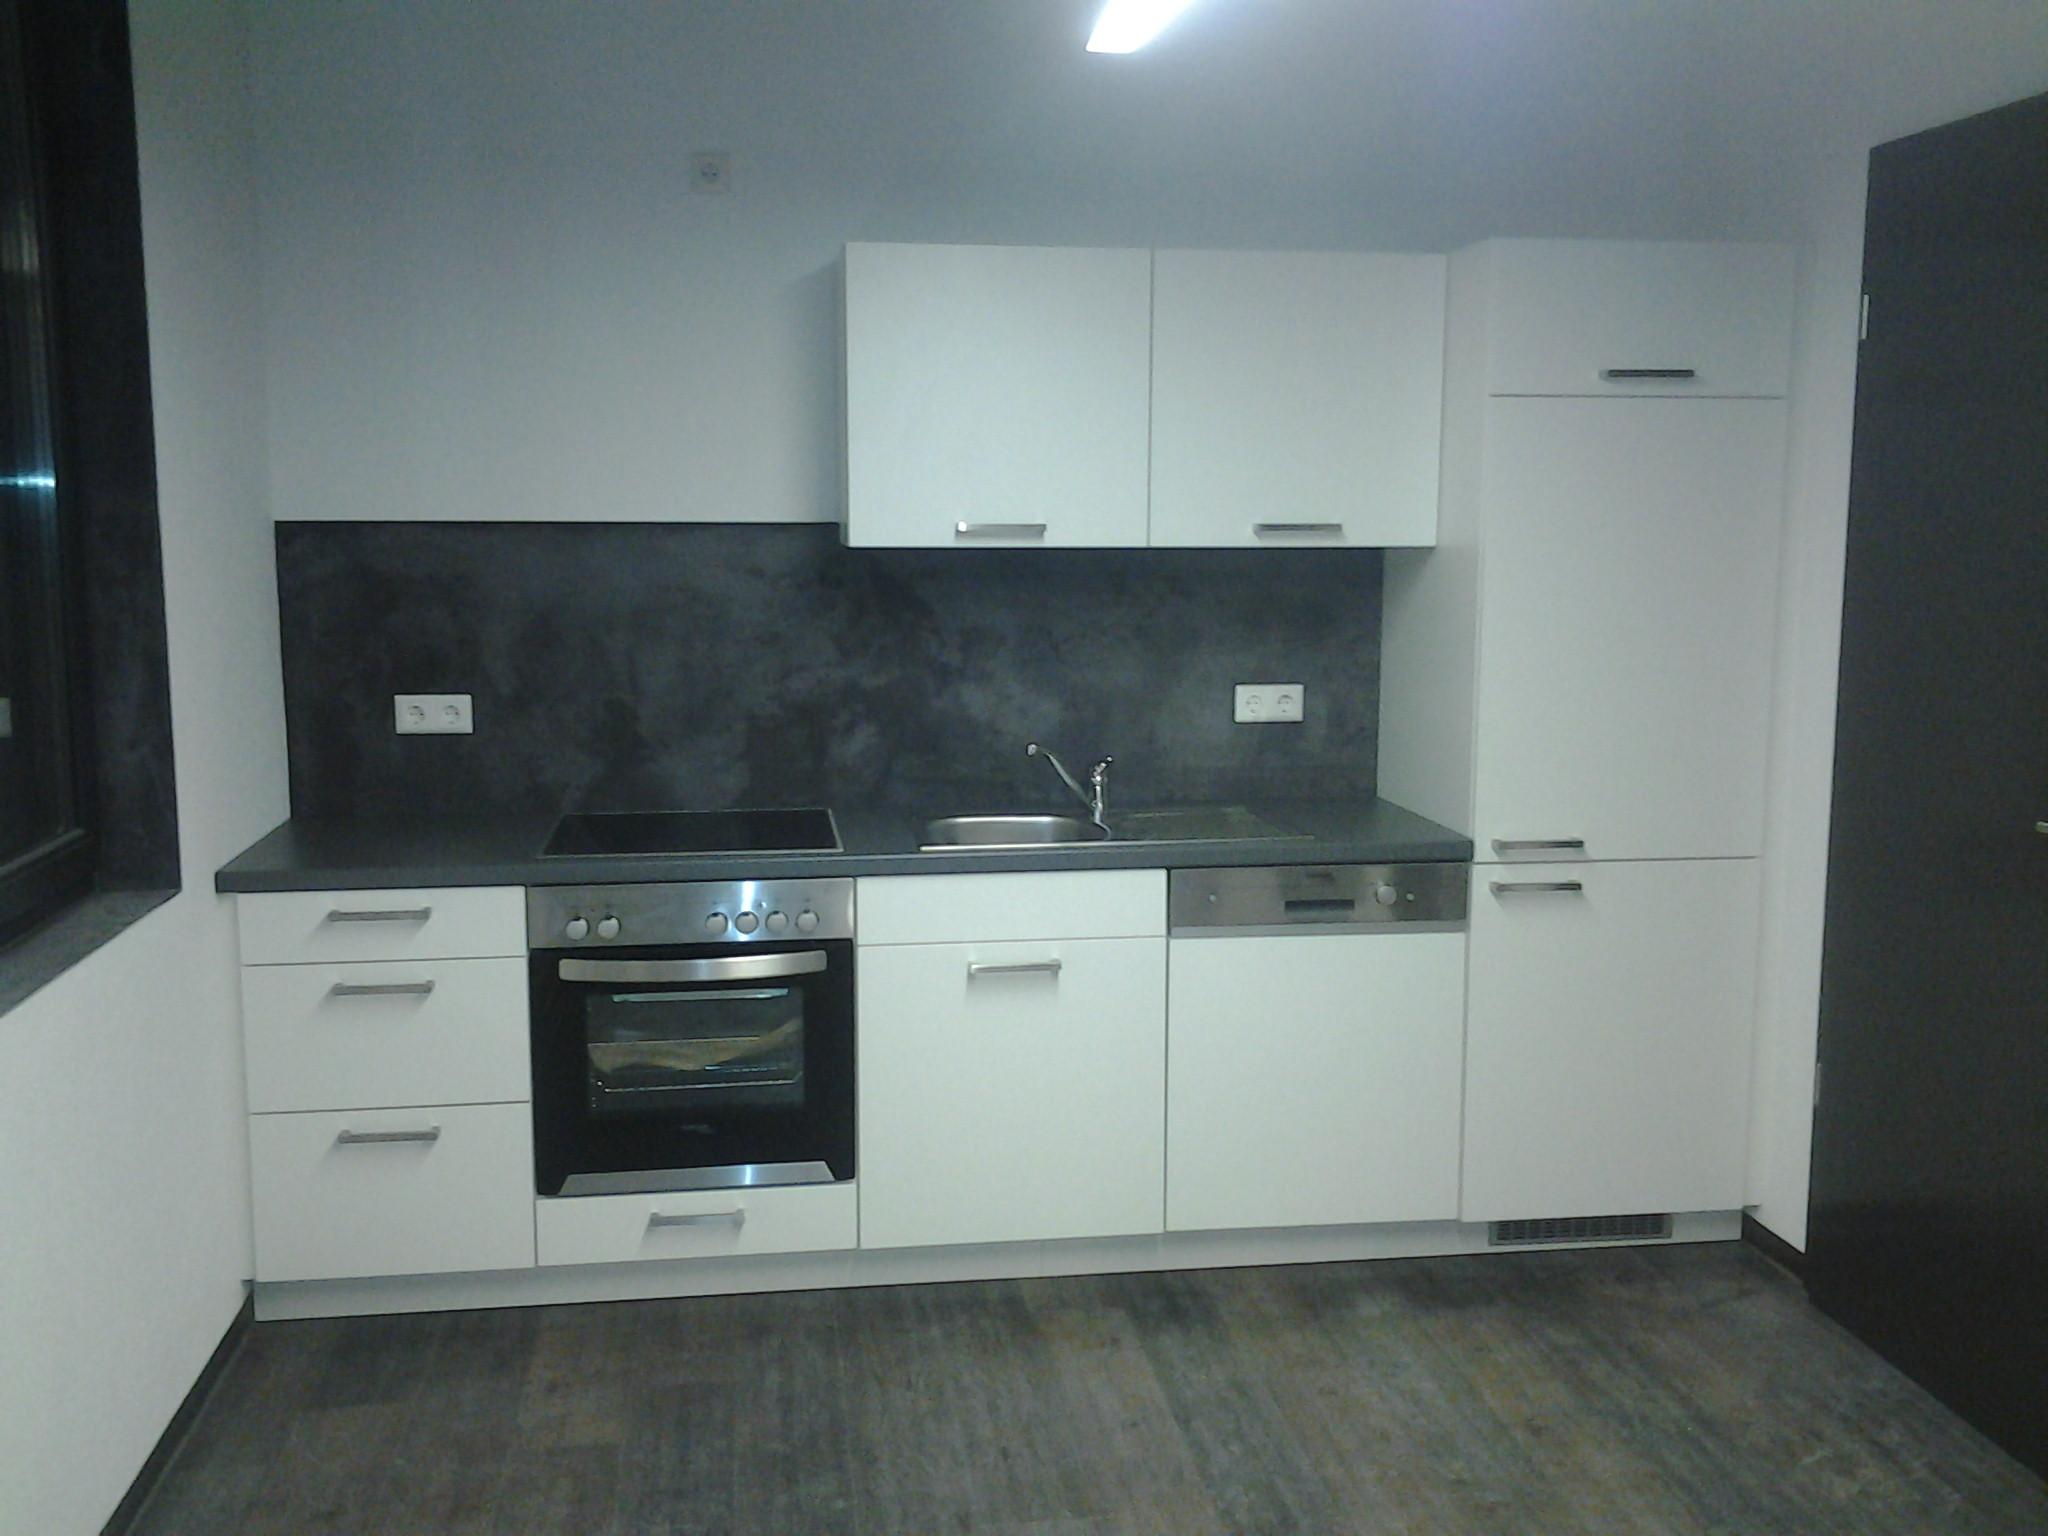 Full Size of Samsung Küche Einbauküche Mit Elektrogeräten